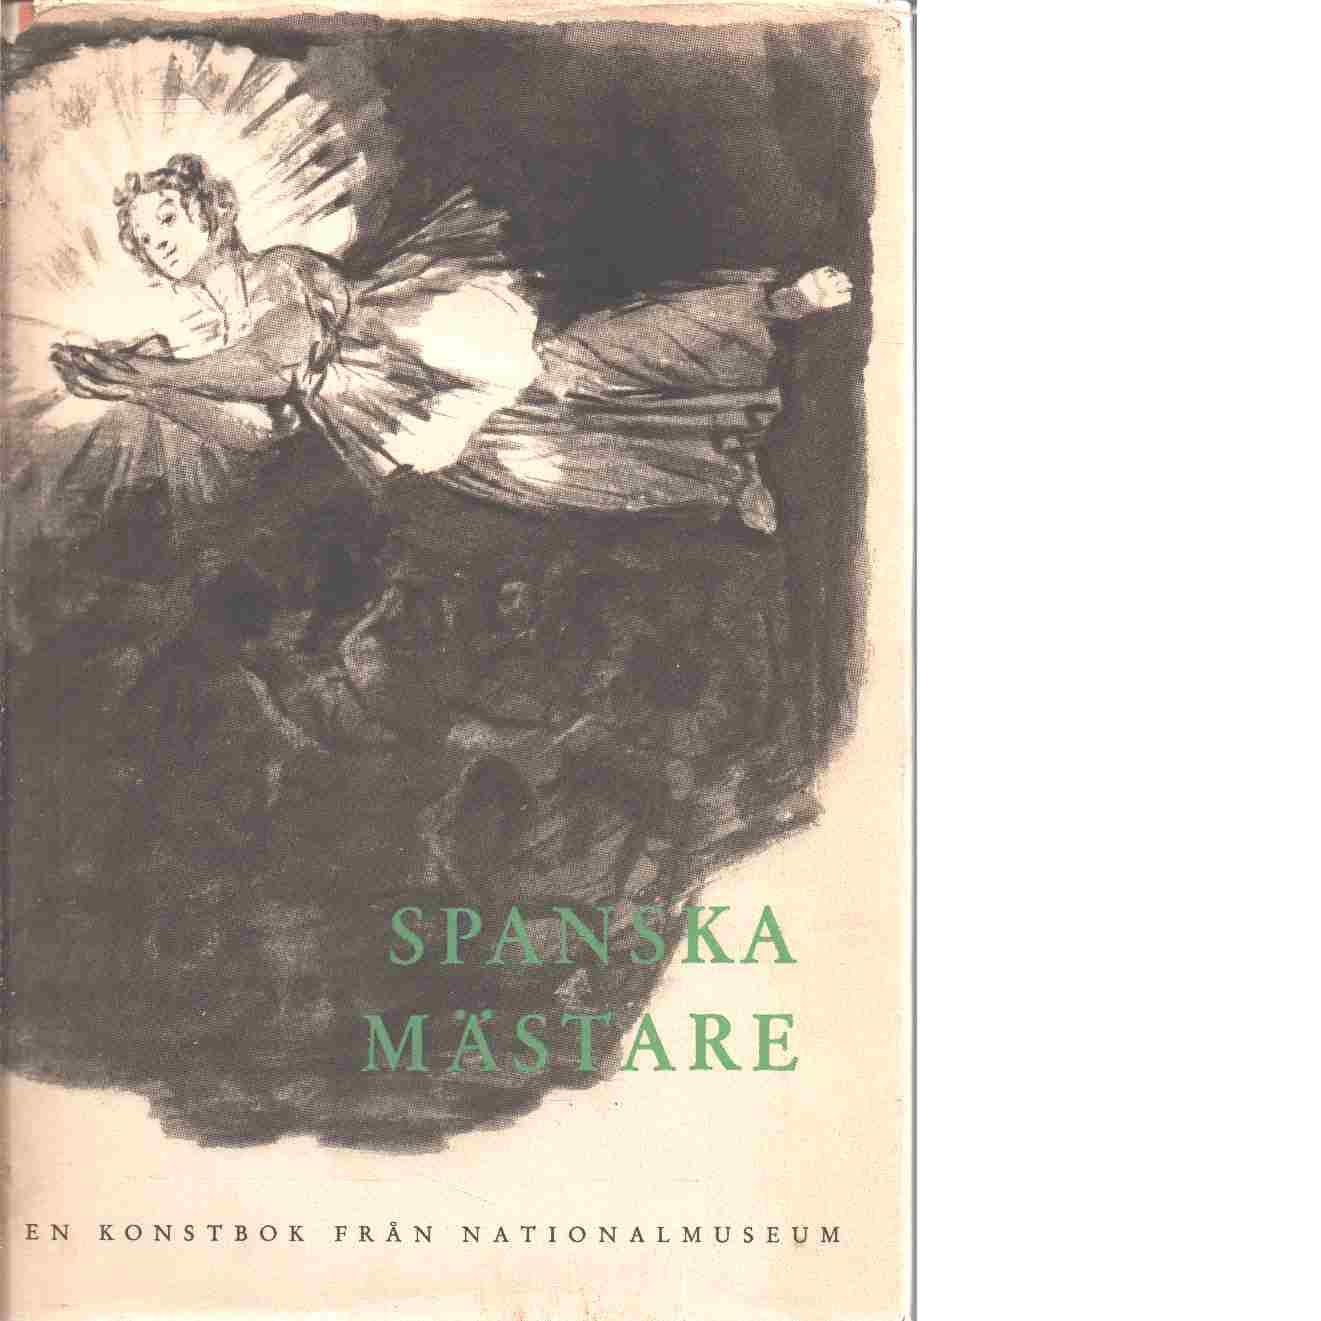 Spanska mästare : en konstbok från Nationalmuseum - Grate, Pontus